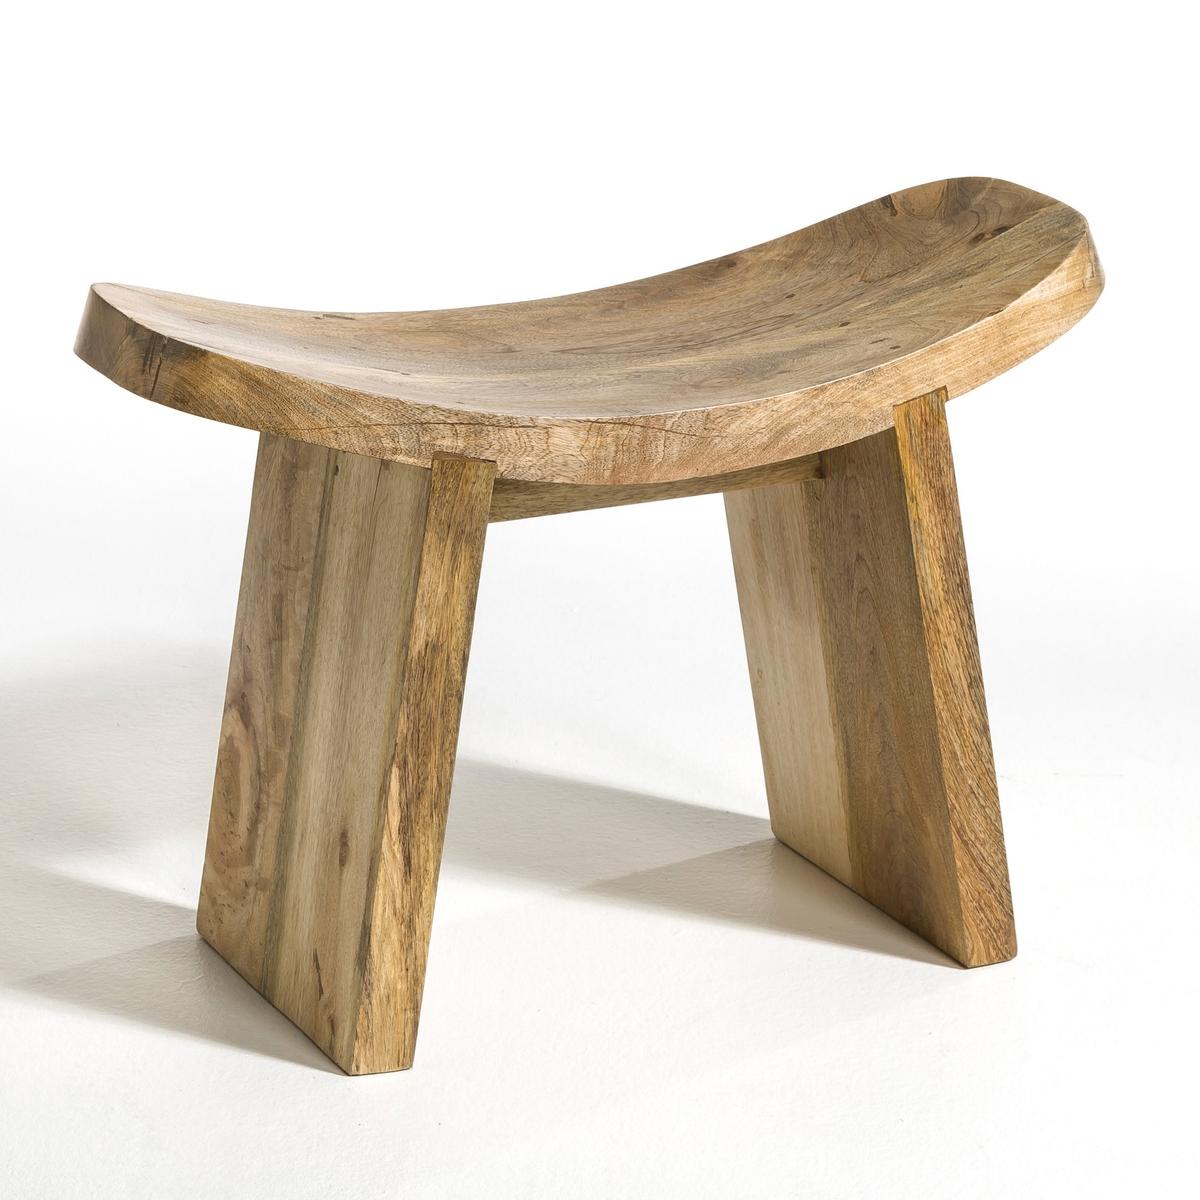 Табурет для йоги, Fuyuka, большая модельХарактеристики: - Выполнен из древесины мангового дерева.Размеры: - Ш 66 x В 48 x Г 29 см.<br><br>Цвет: серо-бежевый,черный<br>Размер: единый размер